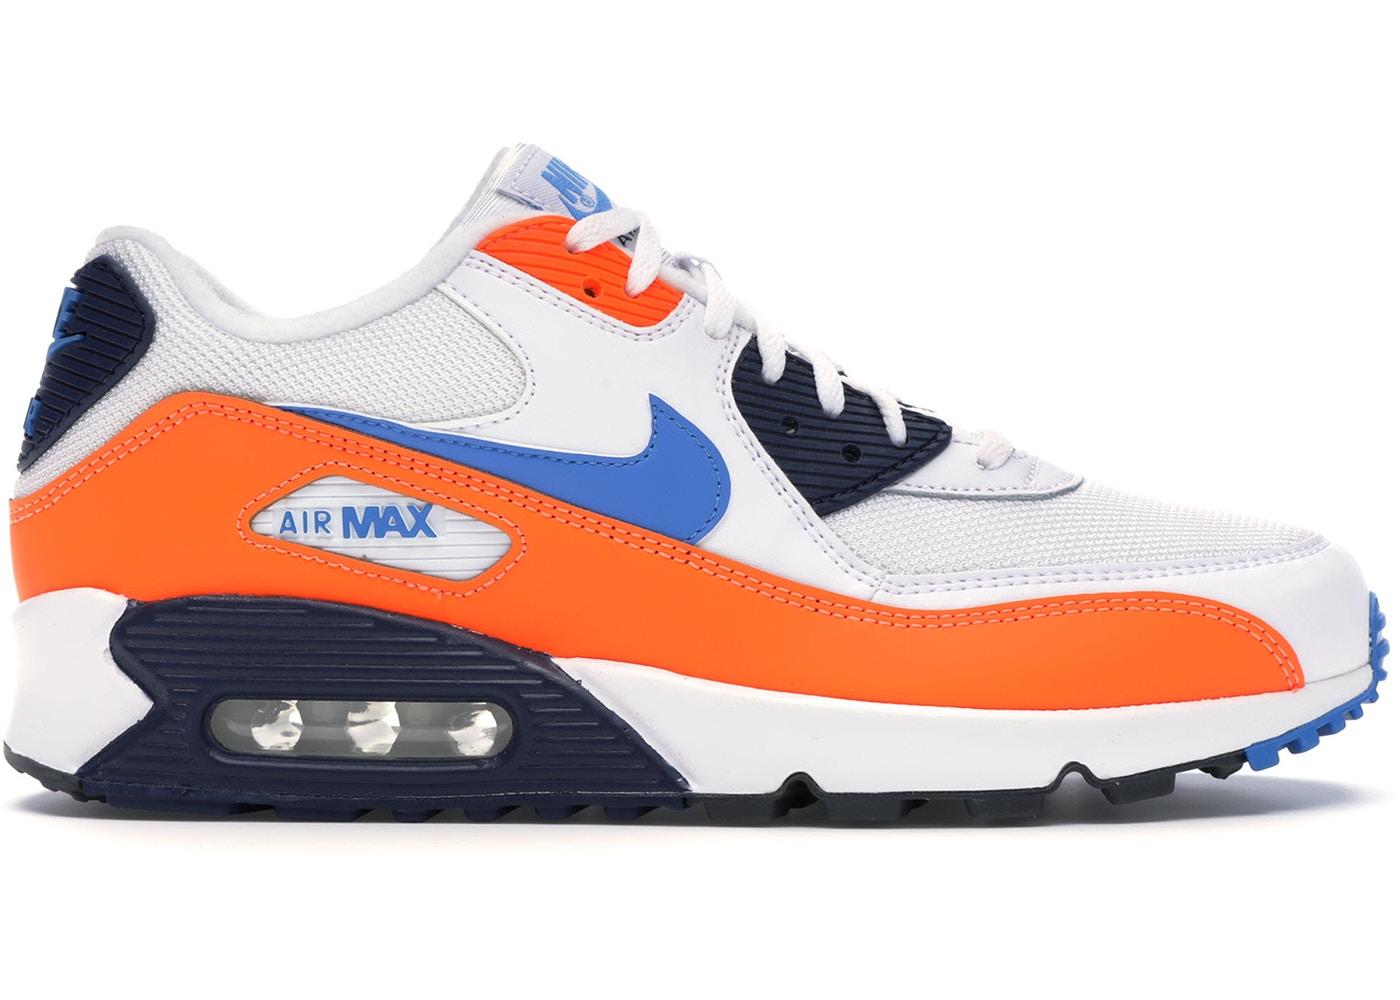 ナイキ メンズ Nike Air Max 90 スニーカー WHITE/PHOTO BLUE-TOTAL ORANGE-MIDNIGHT NAVY-DARK GREY エアマックス90